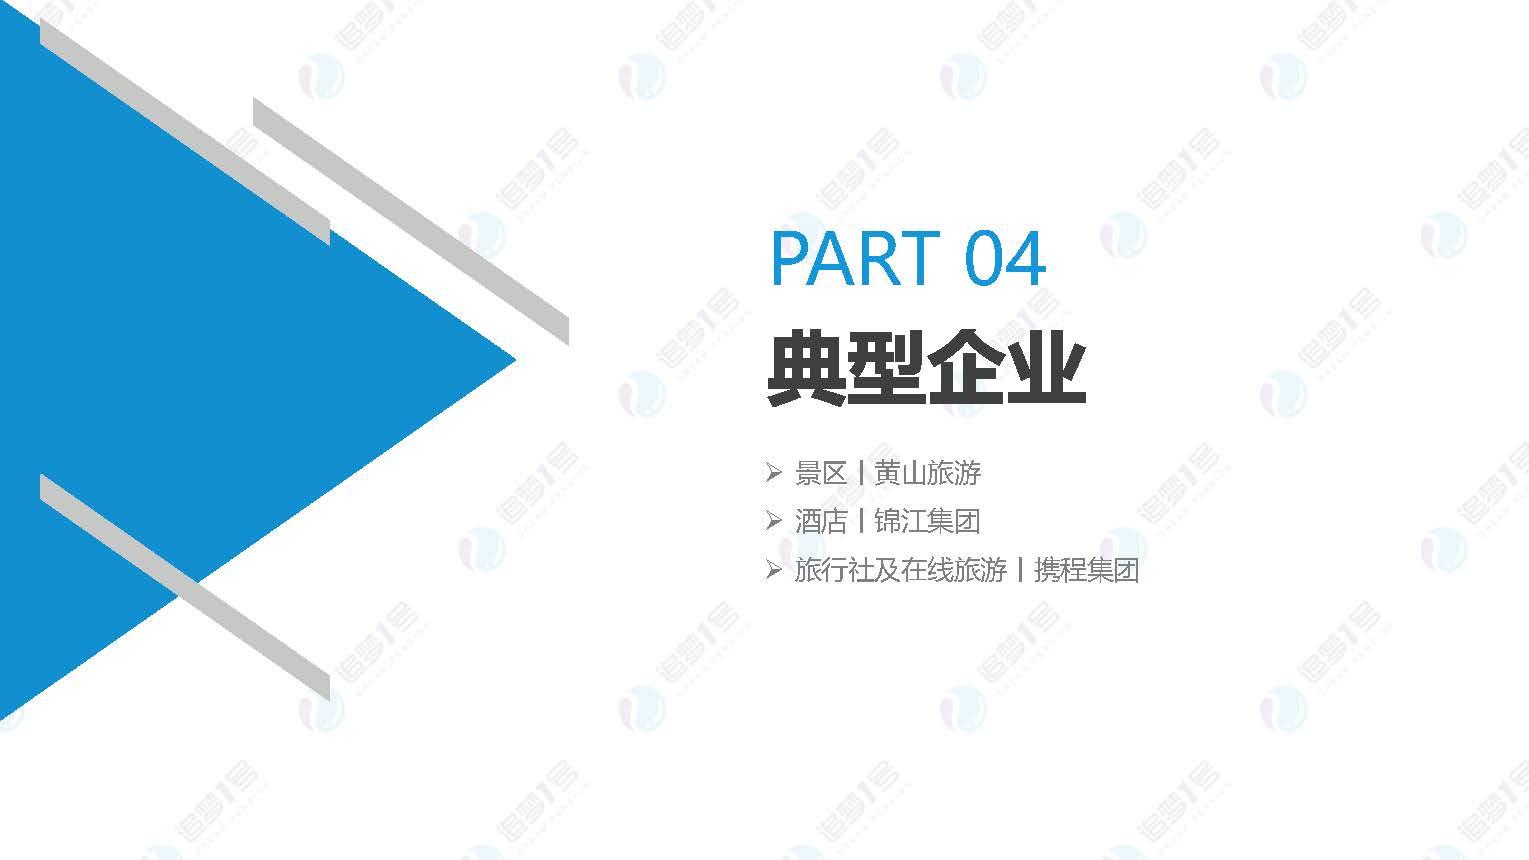 中国旅游行业研究 _页面_25.jpg